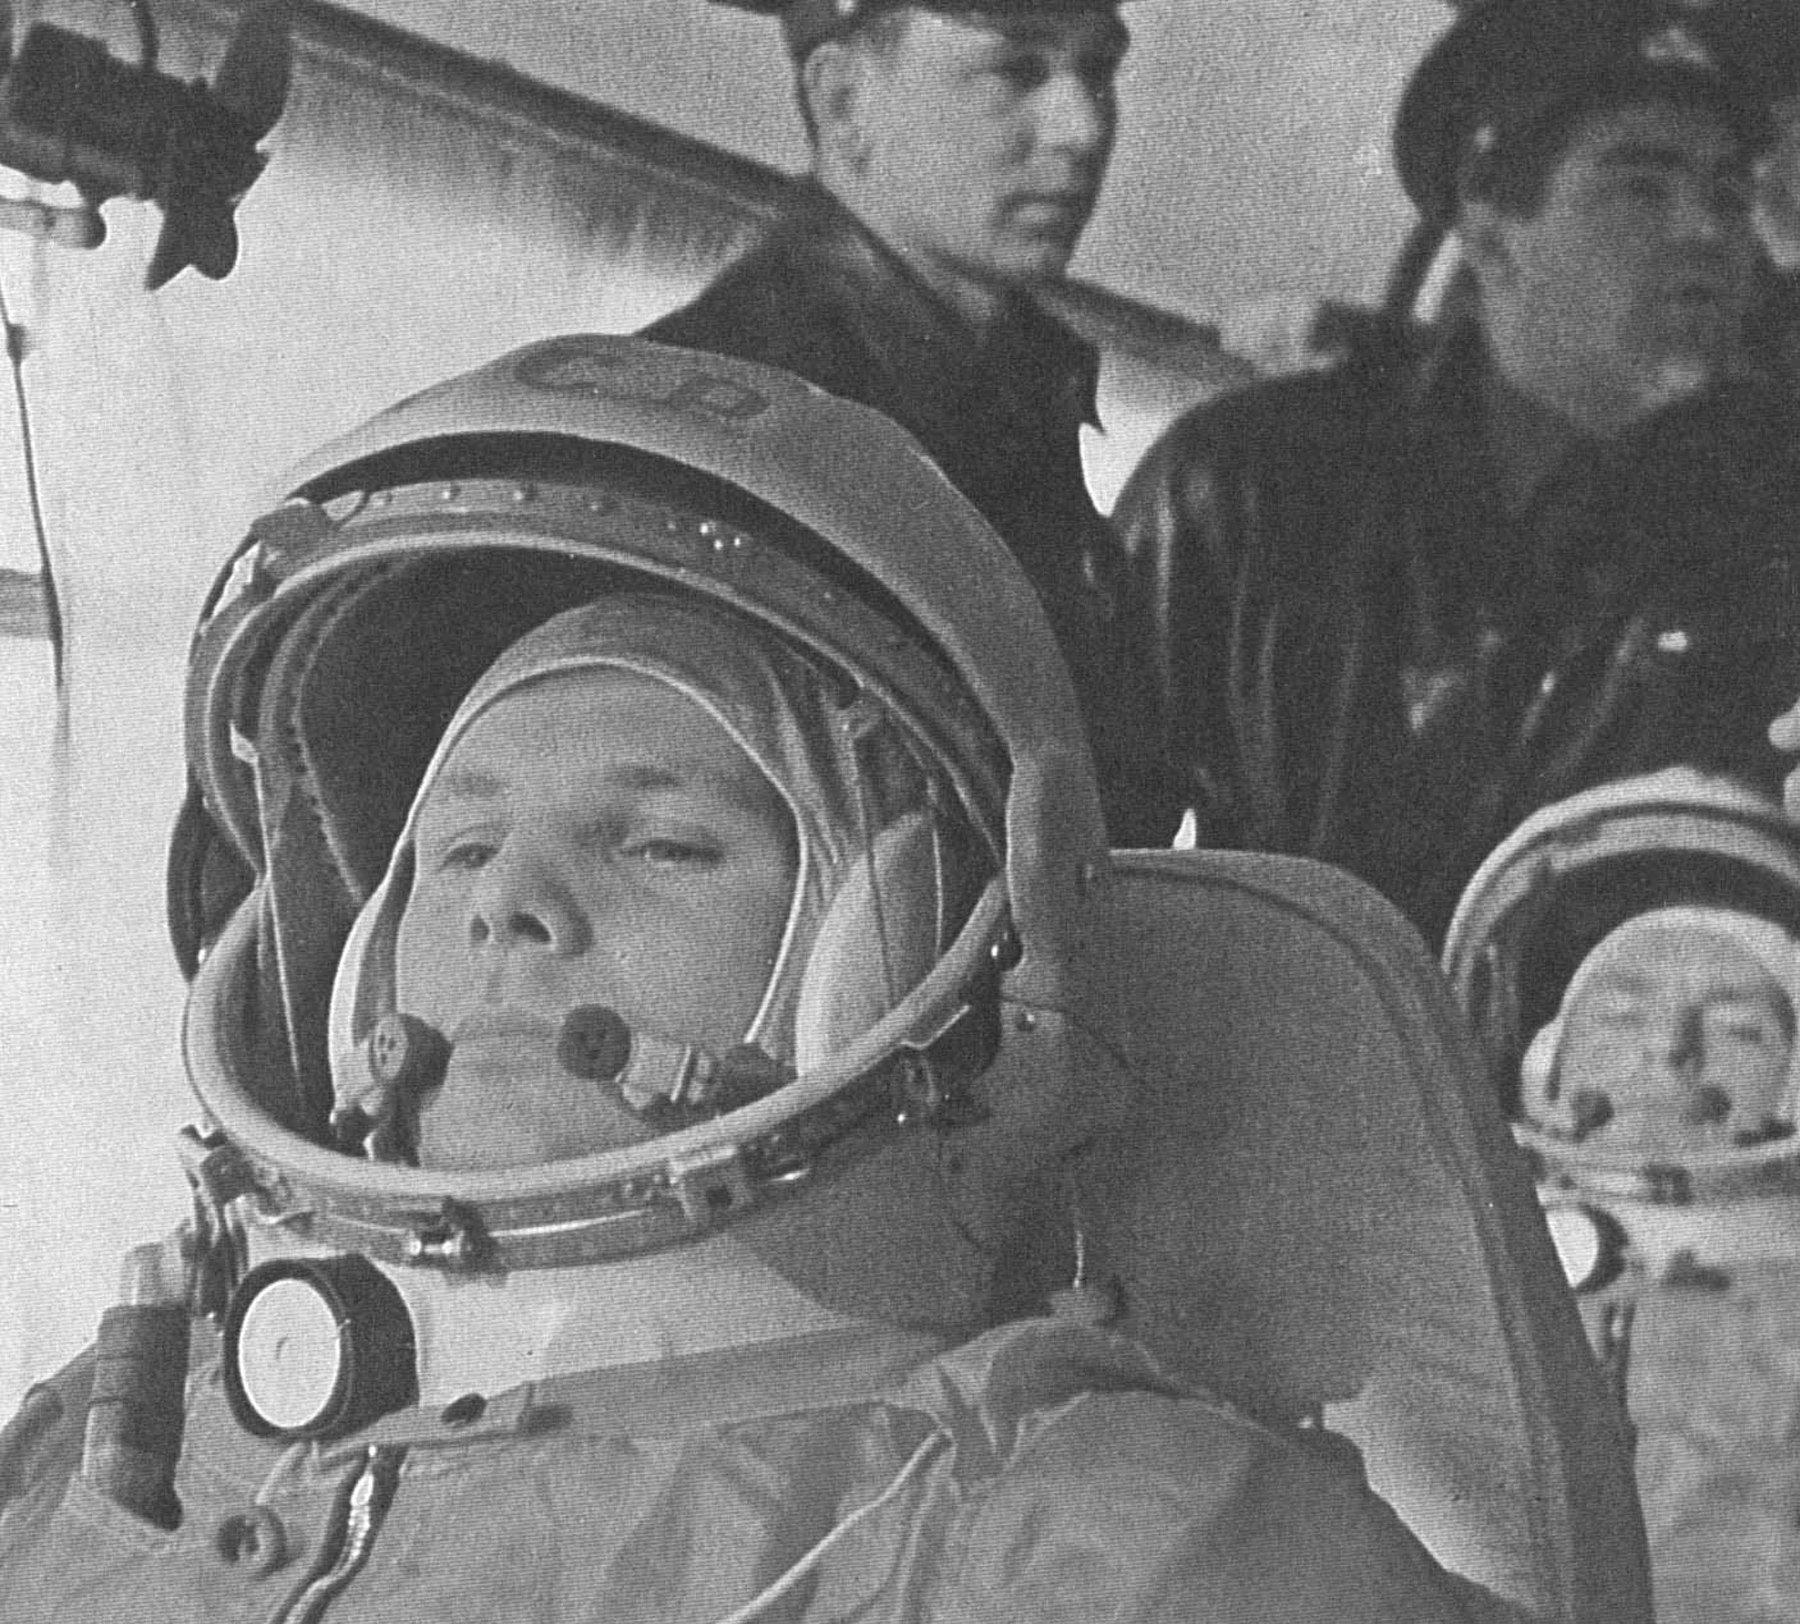 yuri gagarin first human in space nasa solar system